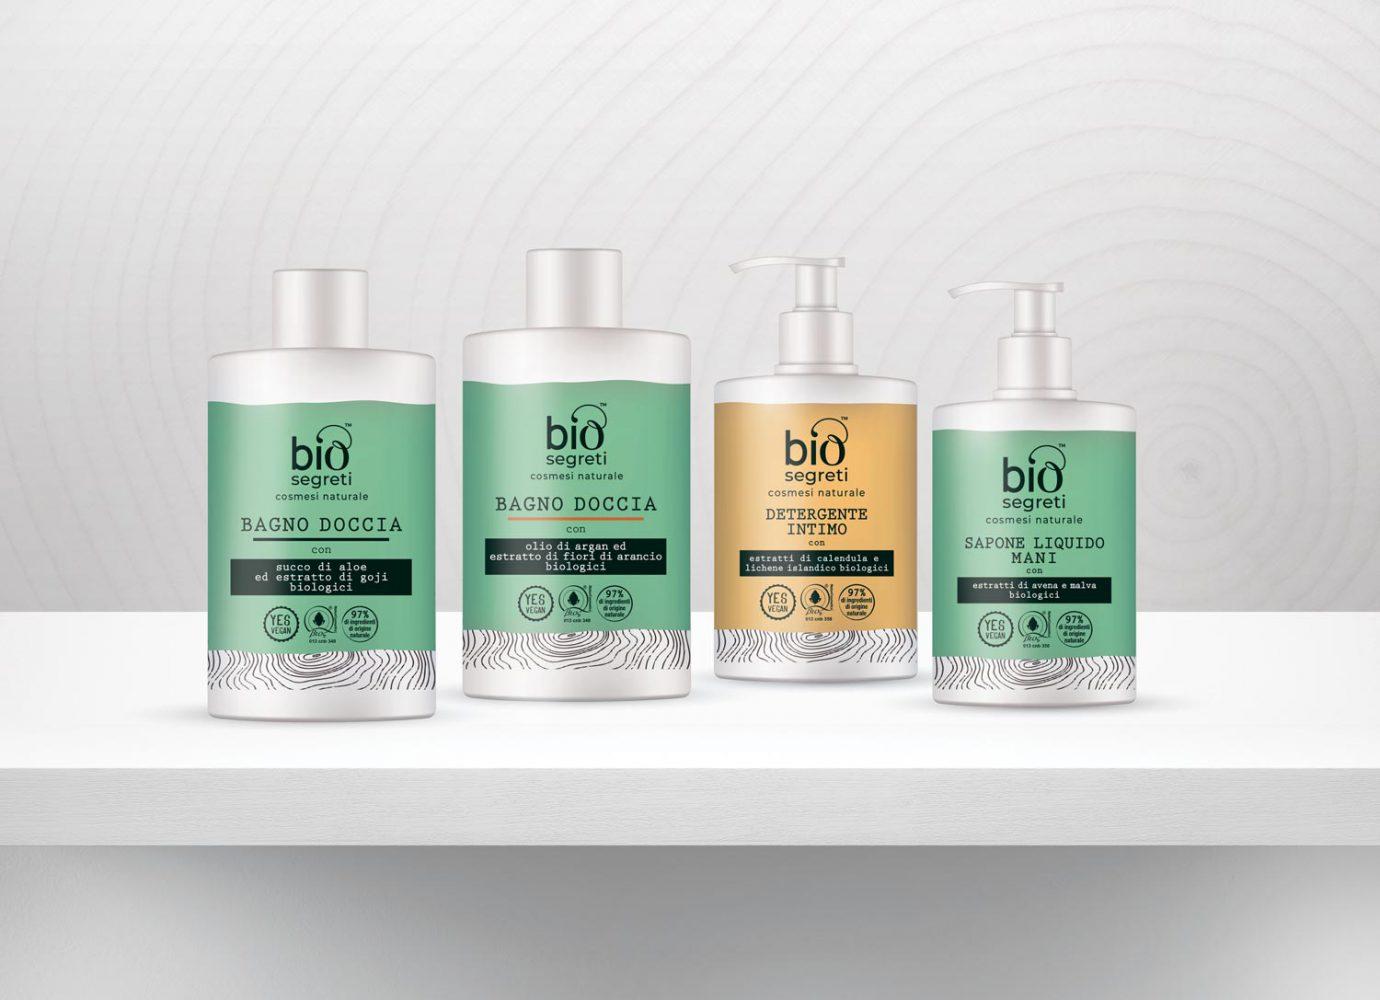 Packaging design di prodotti cosmetici naturali per la detergenza del corpo destinati alla GDO realizzato da WillBe